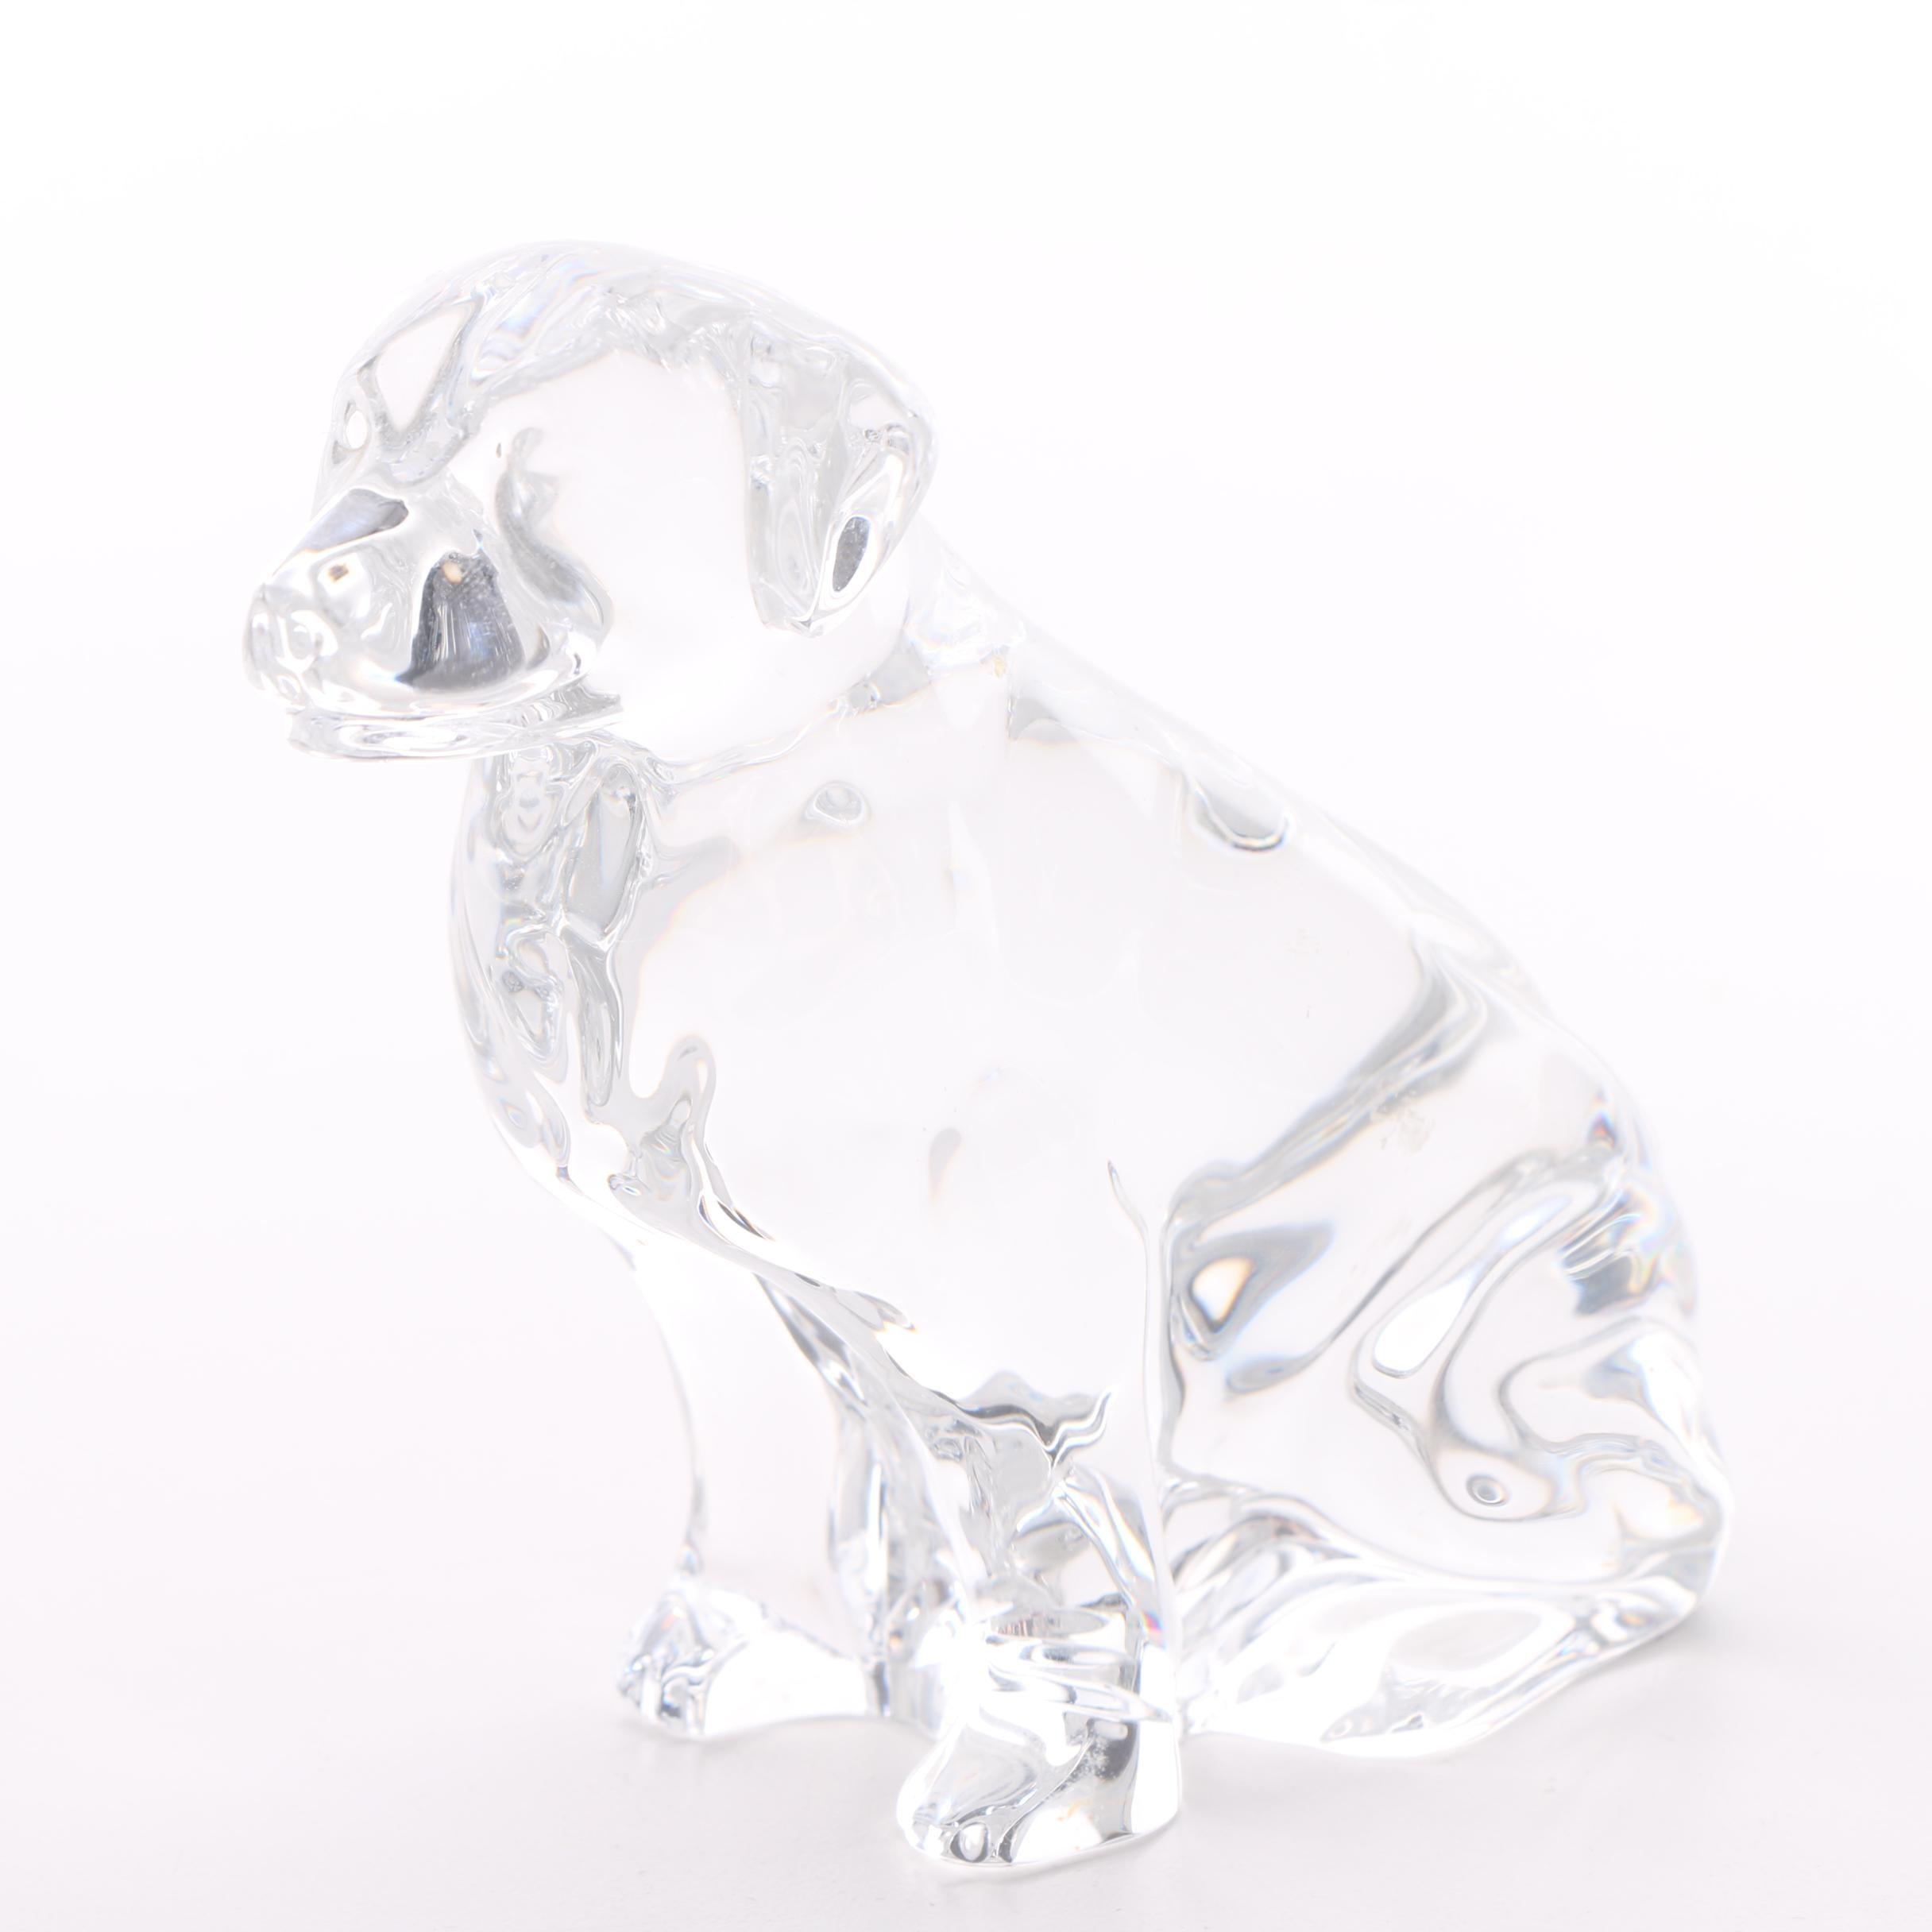 Waterford Crystal Labrador Retriever Figurine